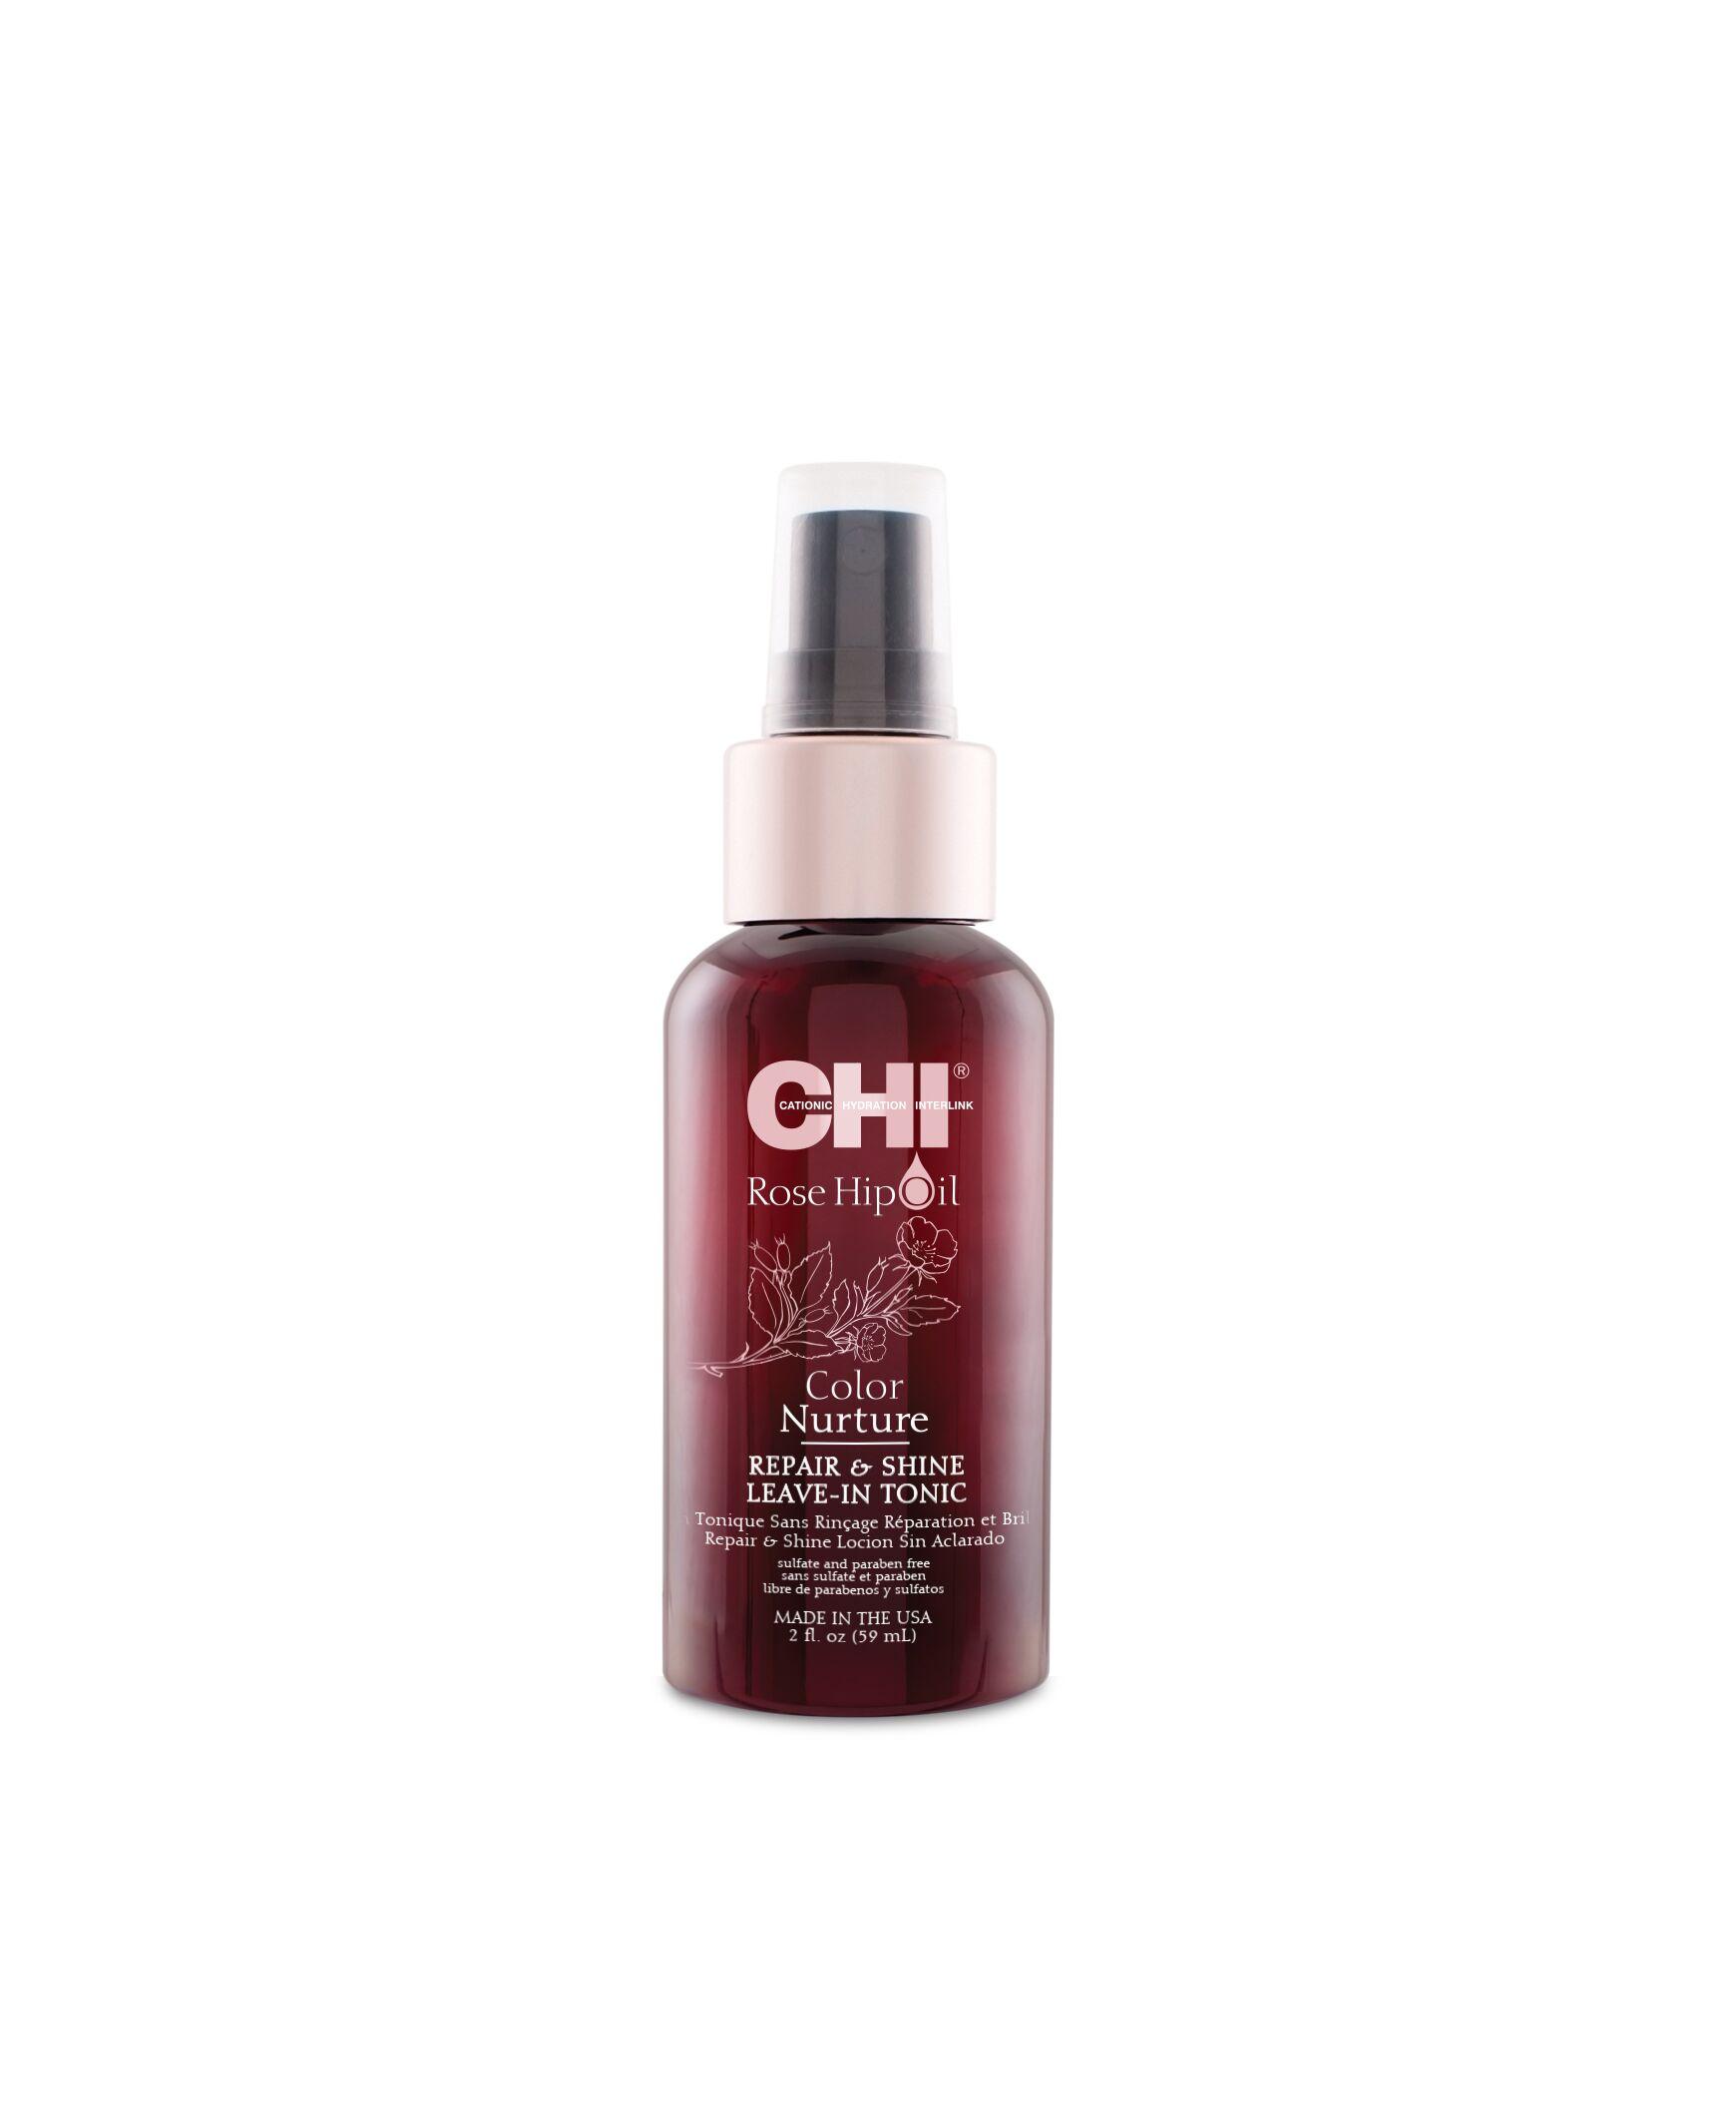 CHI Тоник с маслом шиповника для волос 59 мл